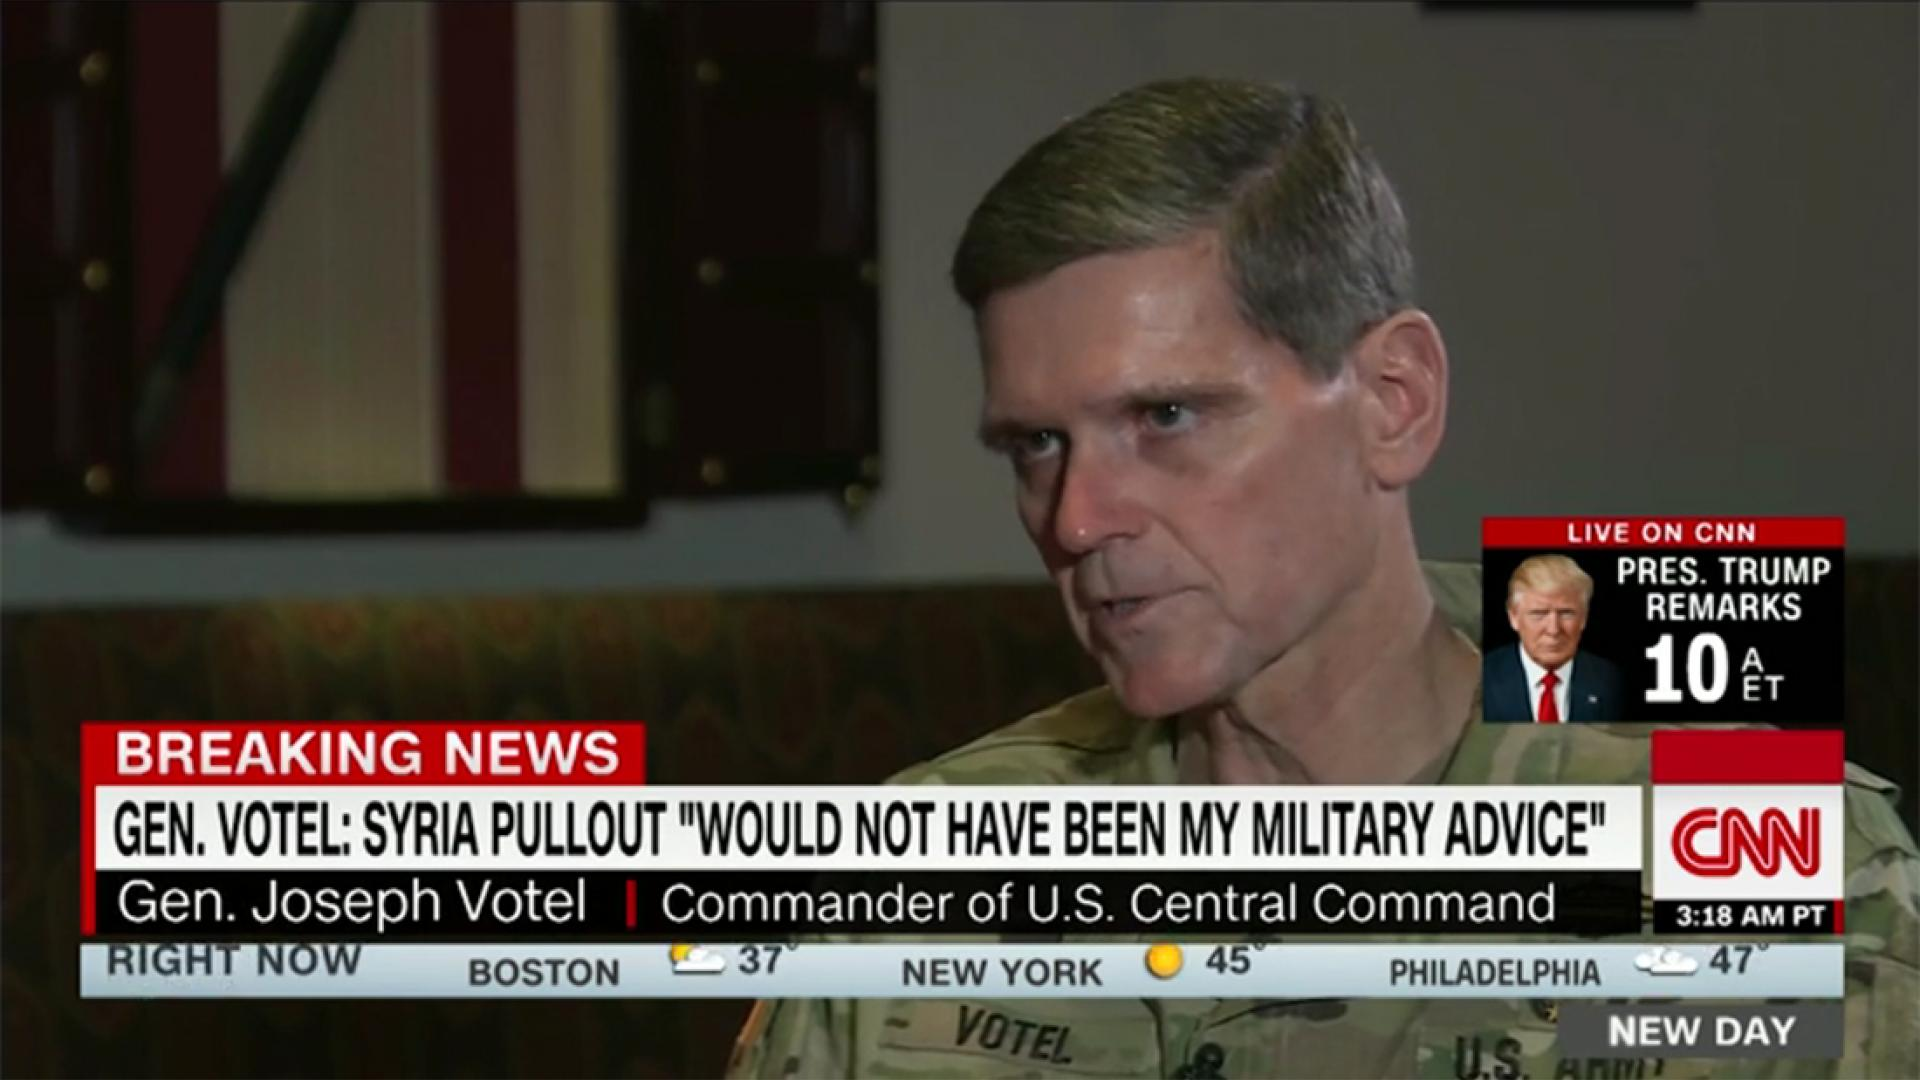 بعد شهادته بأن ترامب لم يستشره بقرار سحب القوات من سوريا.. فوتيل يتحدث لـCNN